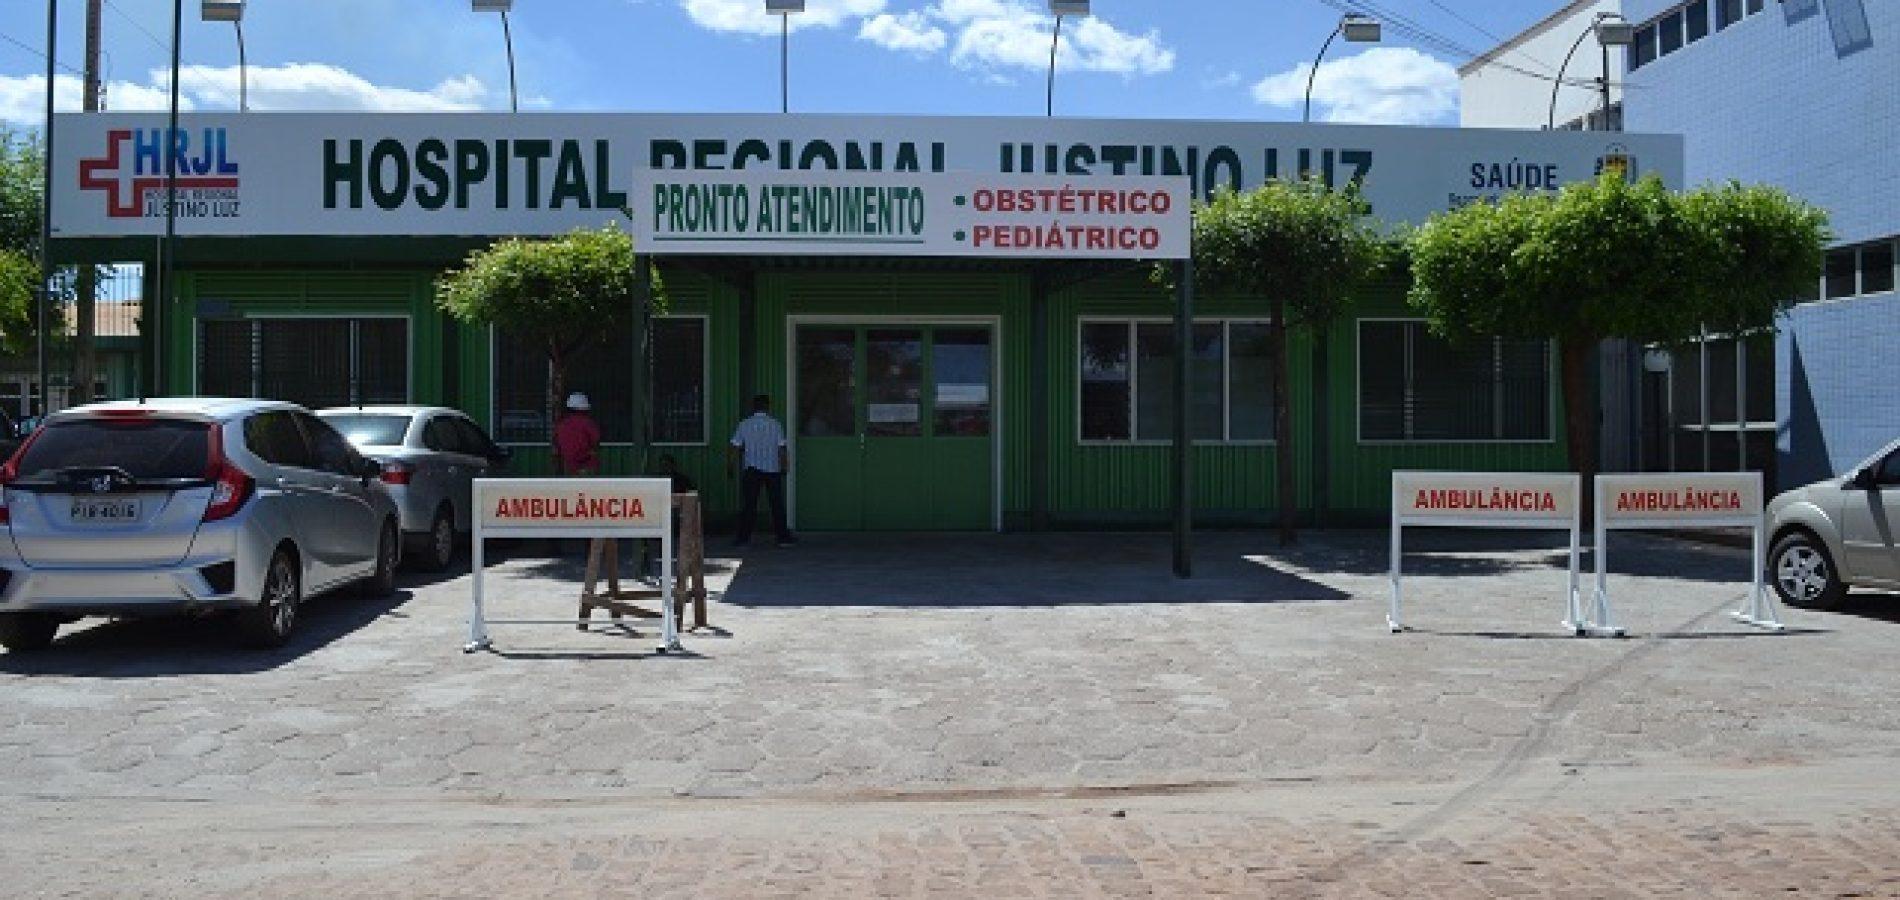 CORONAVÍRUS | Hospital Justino Luz registra cinco altas e dois novos óbitos em Picos